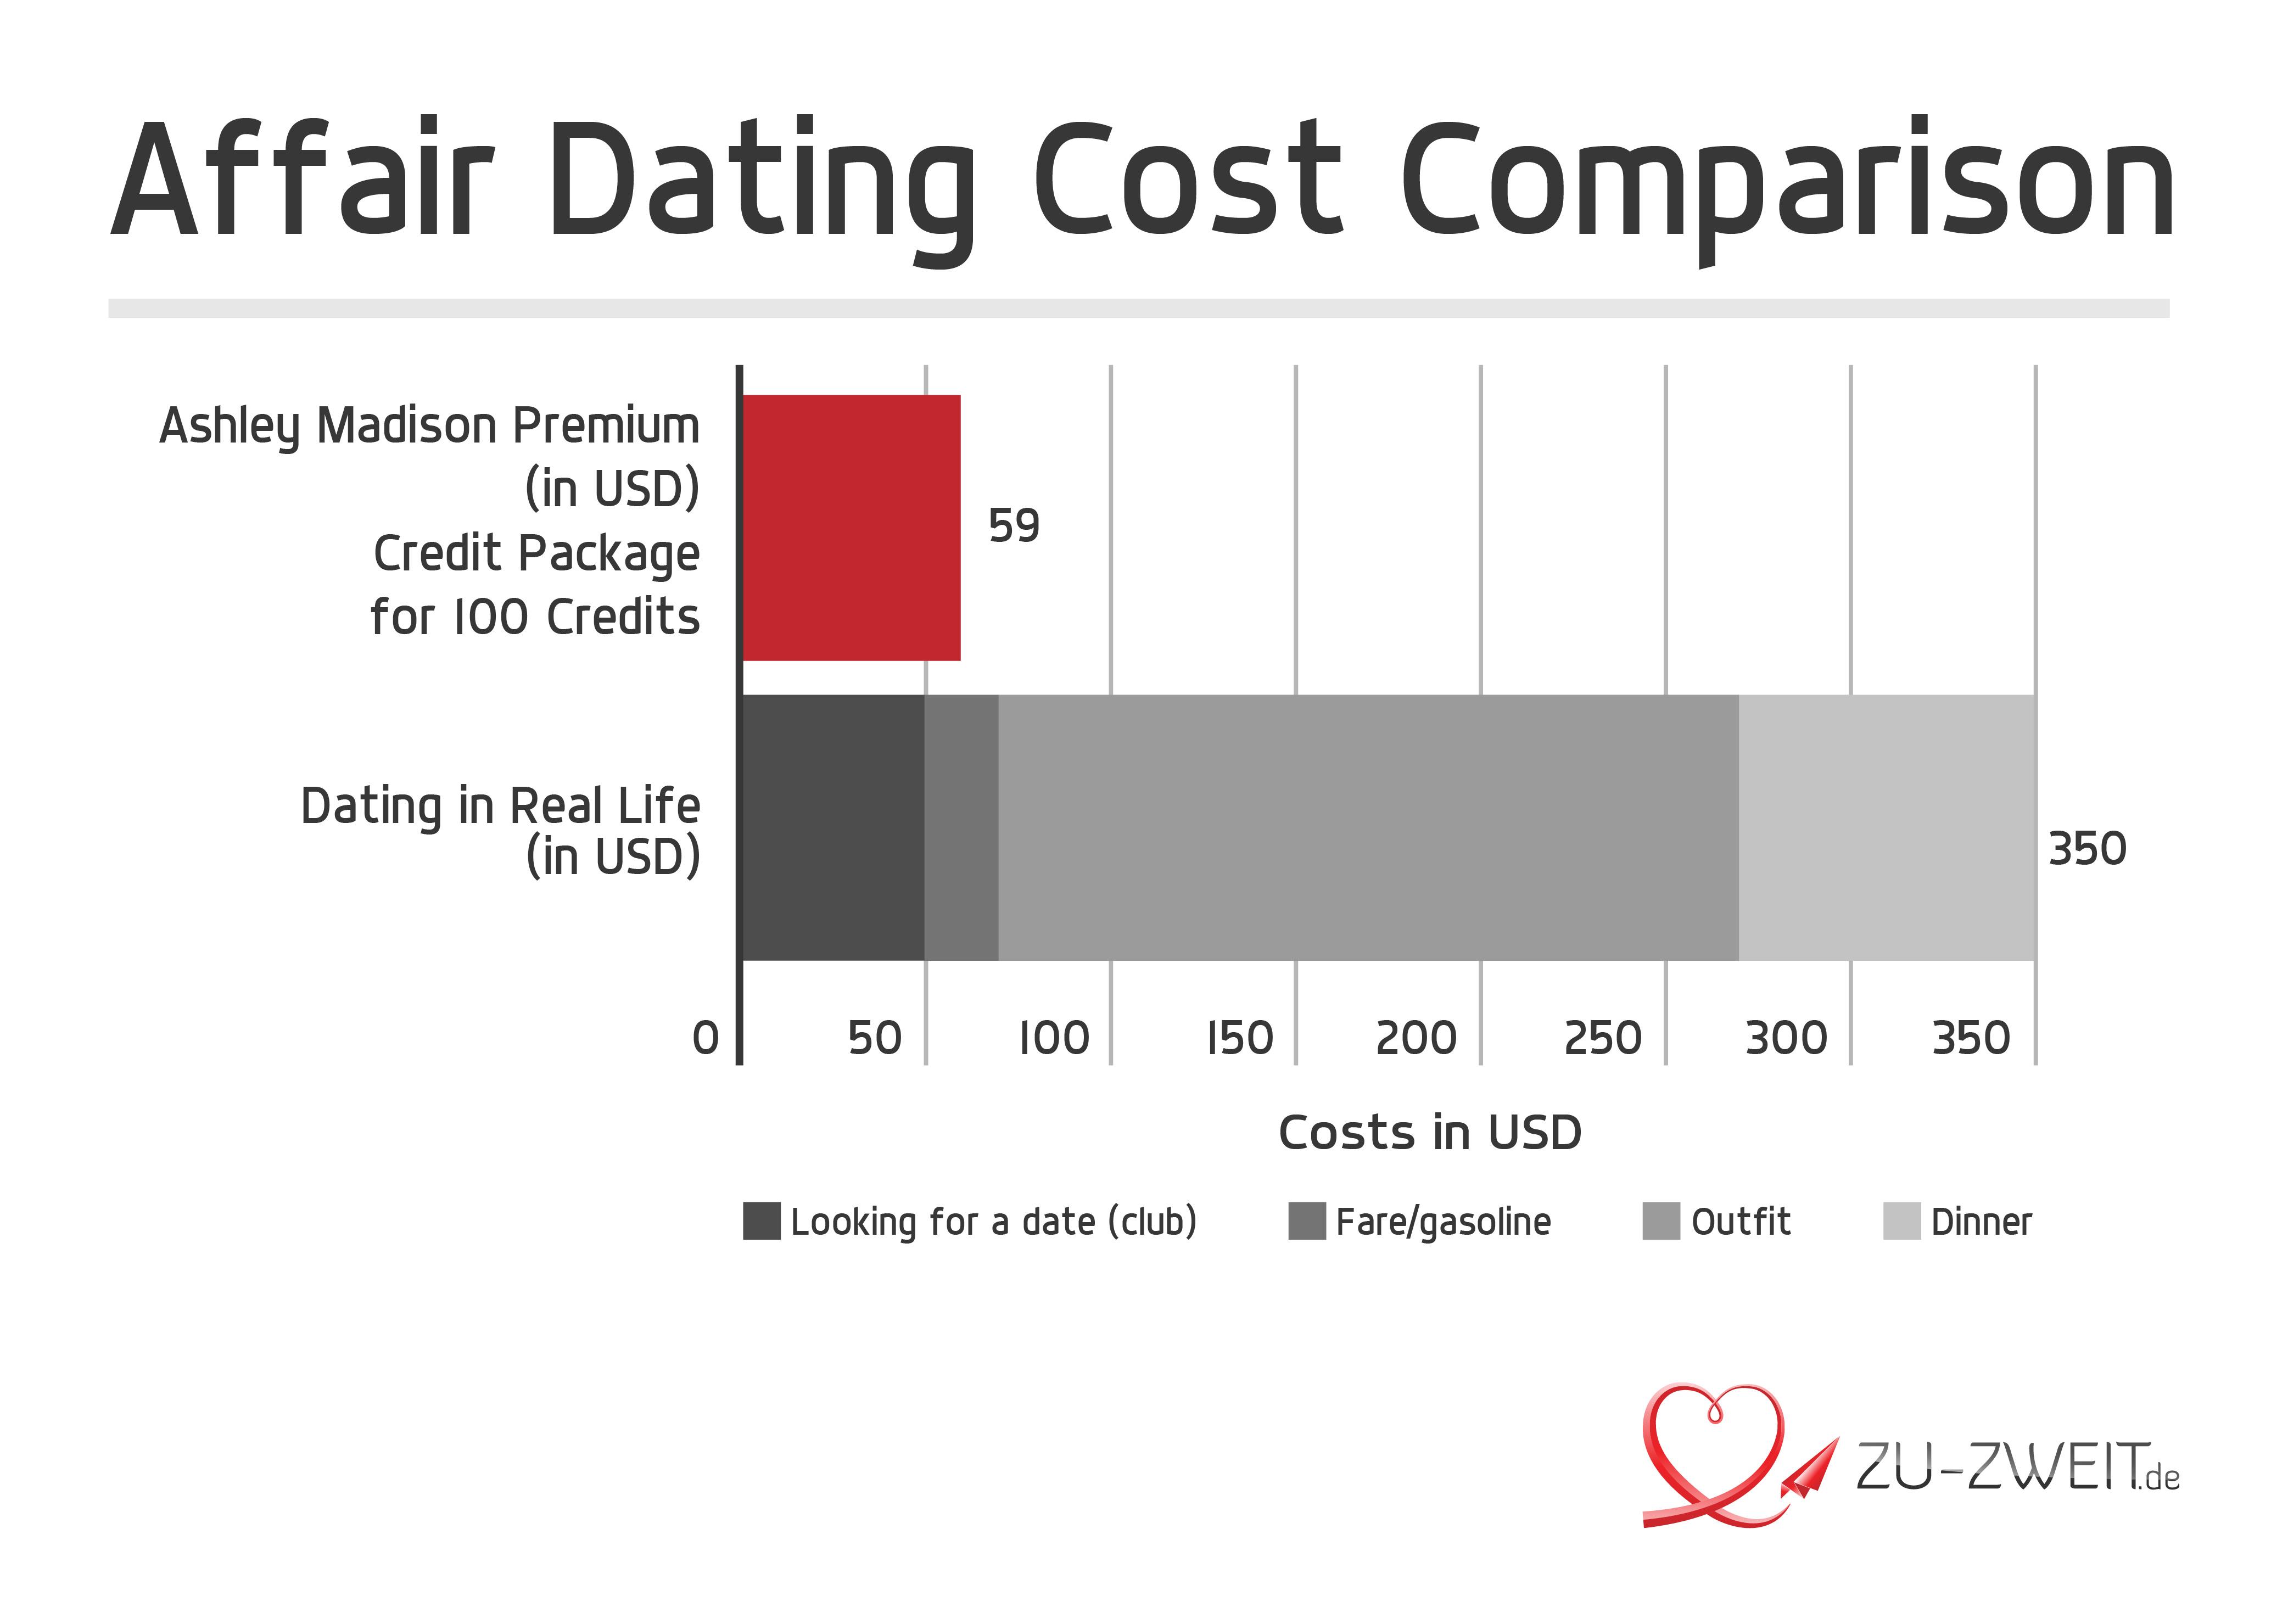 Ashley madison cost comparison